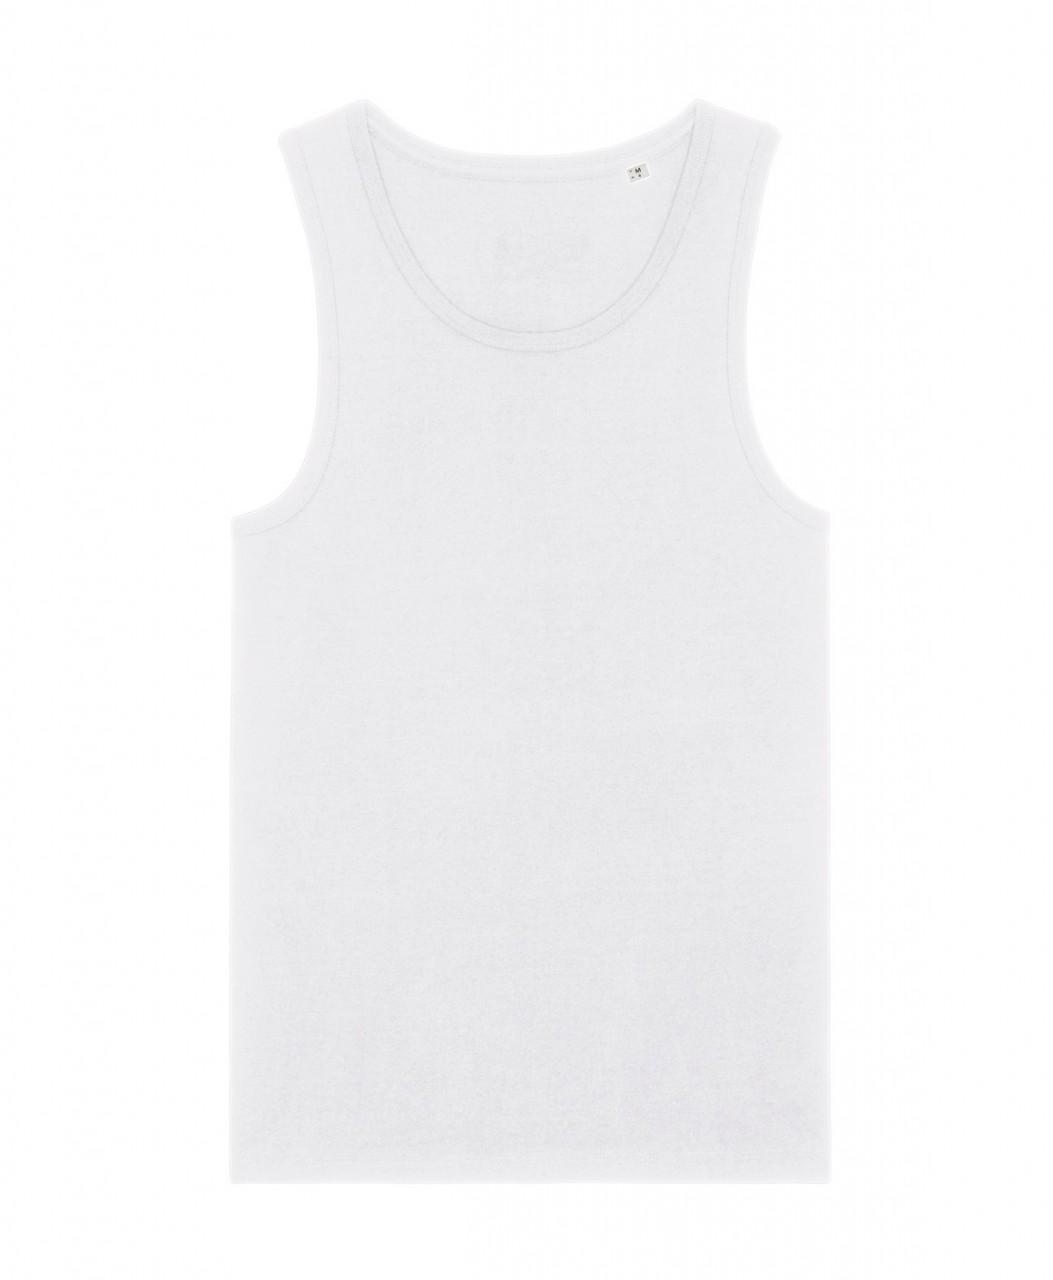 MS Regular Fit Tank Top white